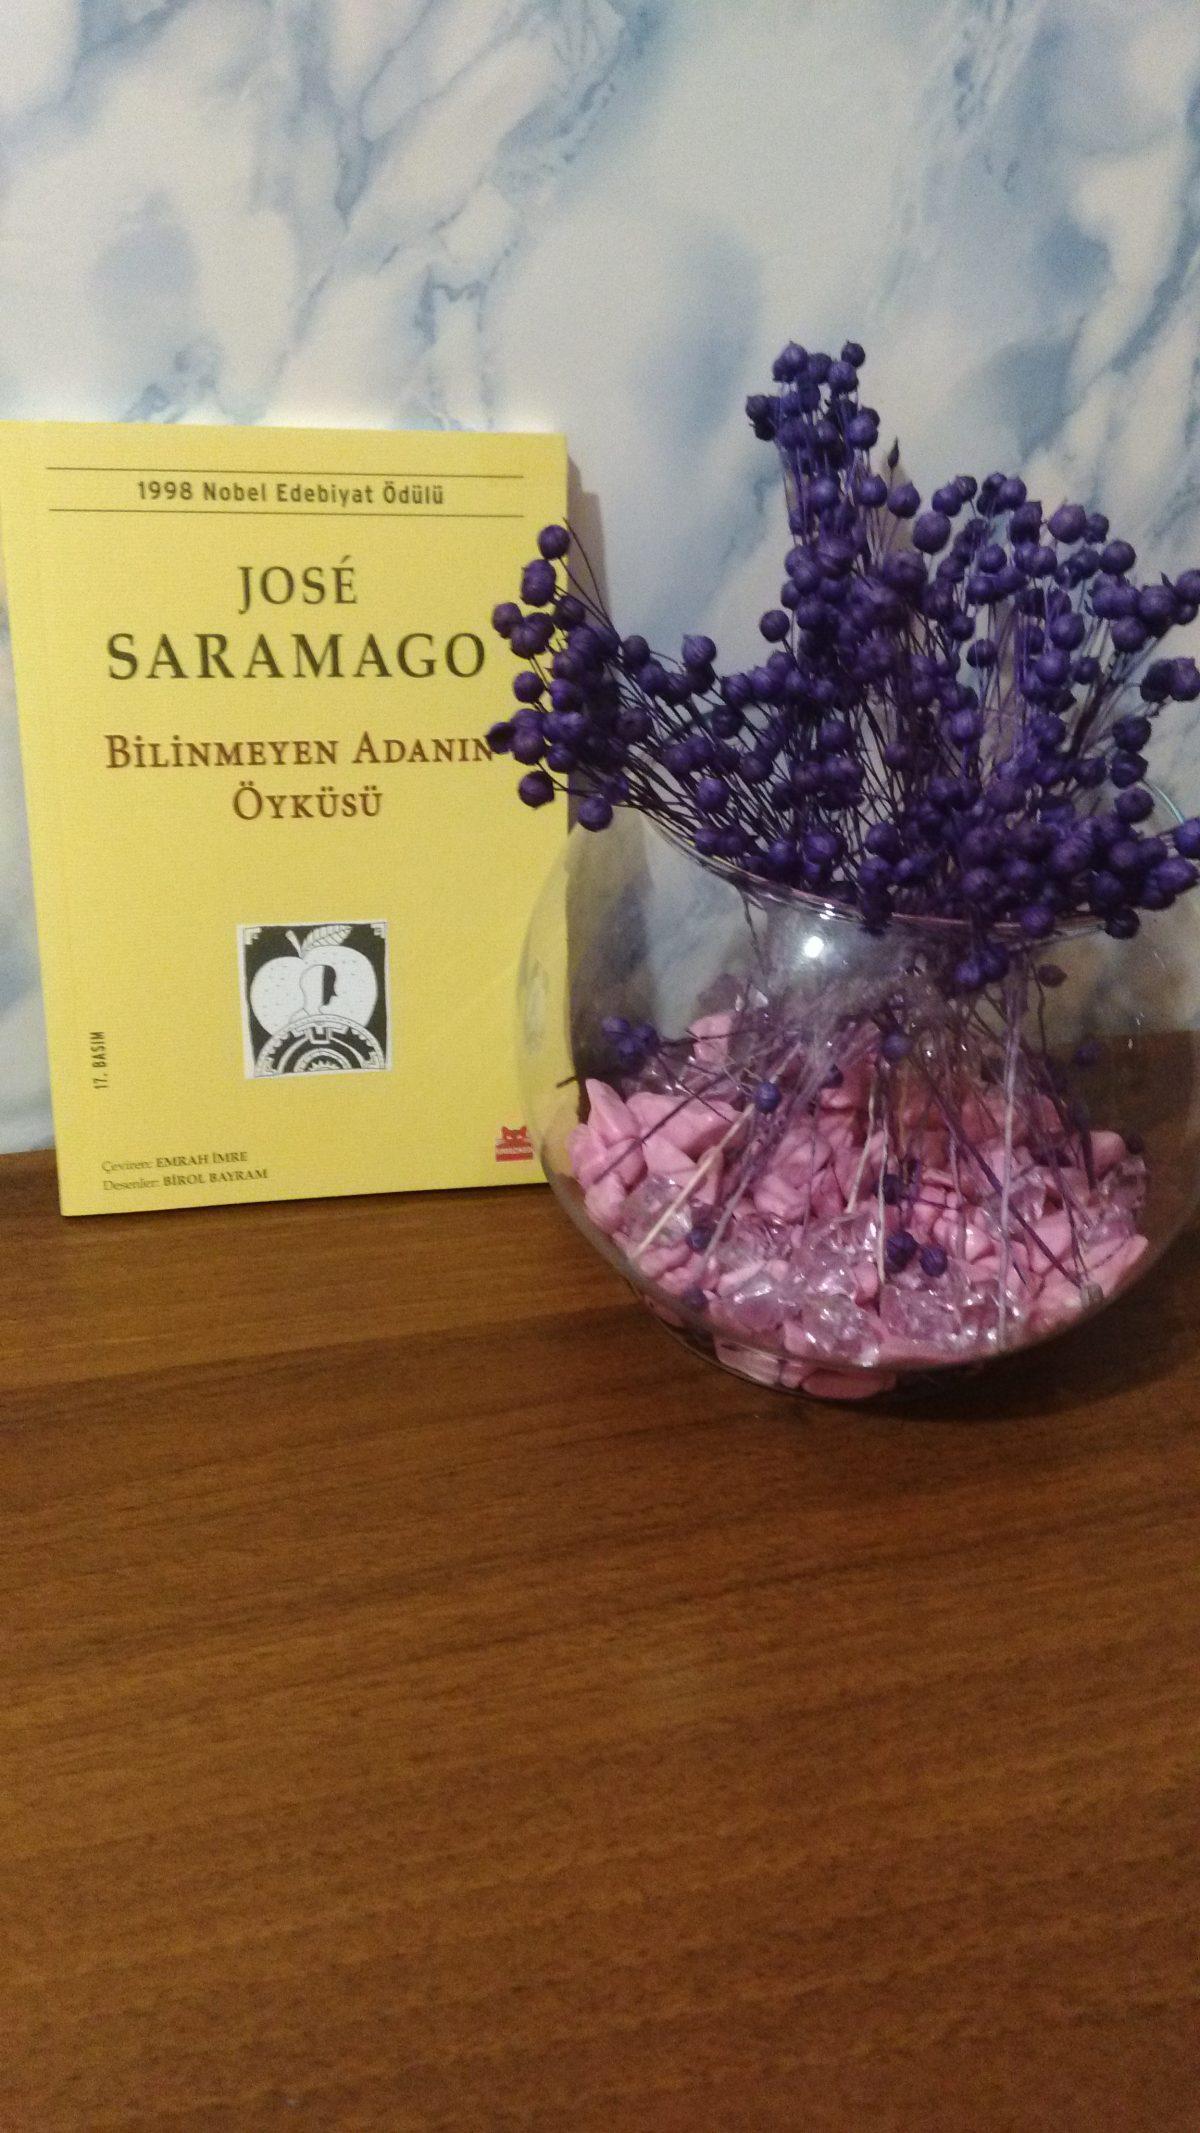 José Saramago – Bilinmeyen Adanın Öyküsü